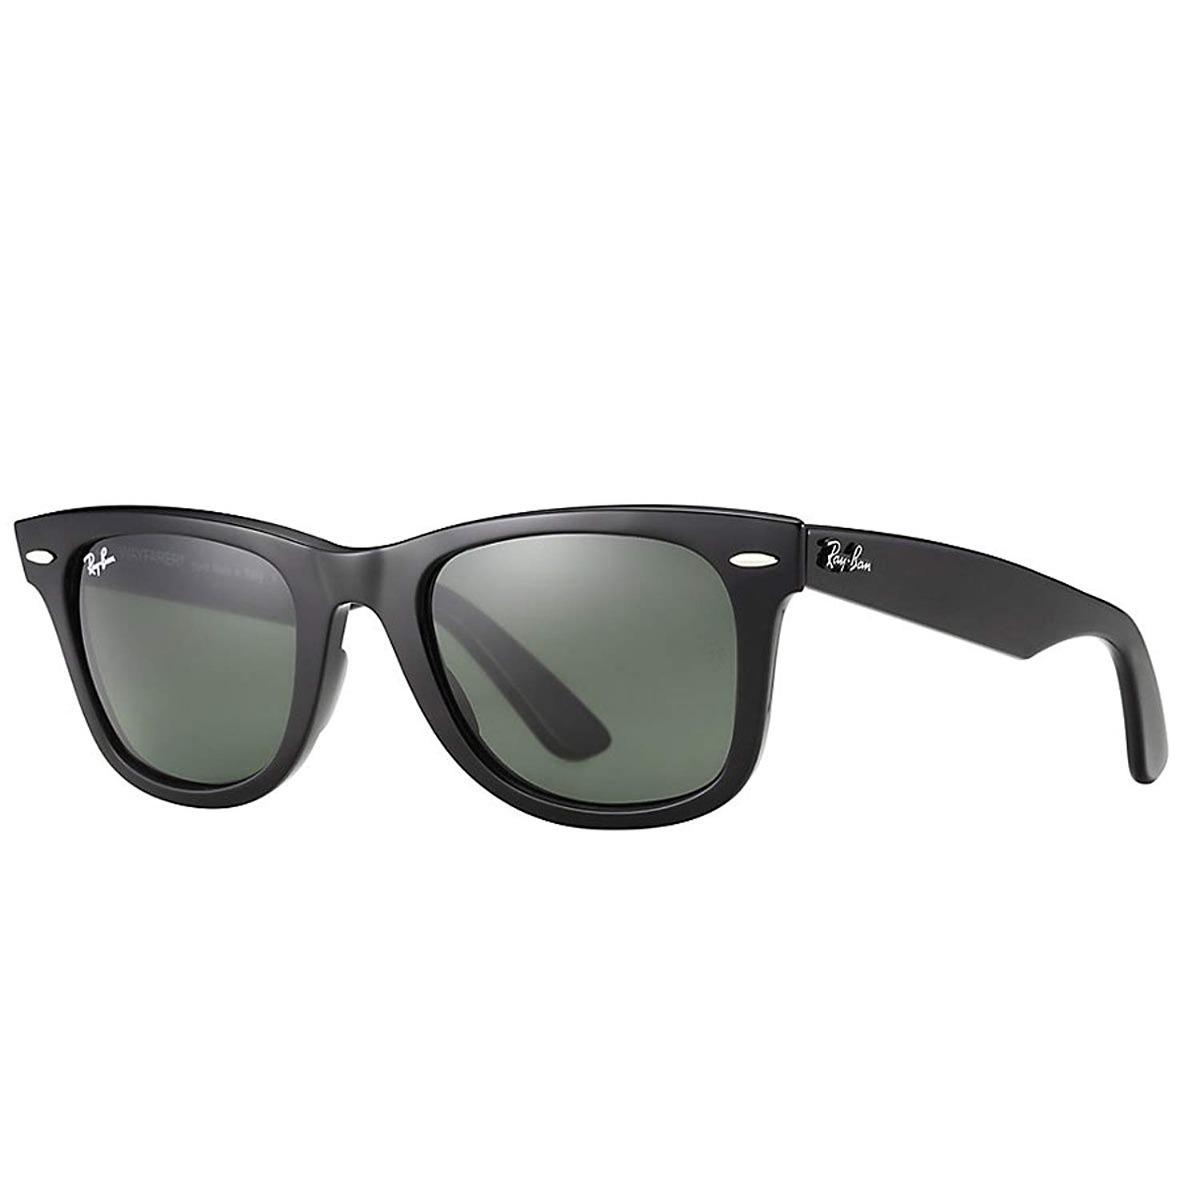 e313a83e9b38d óculos ray-ban original wayfarer sunglasse - 92348. Carregando zoom.